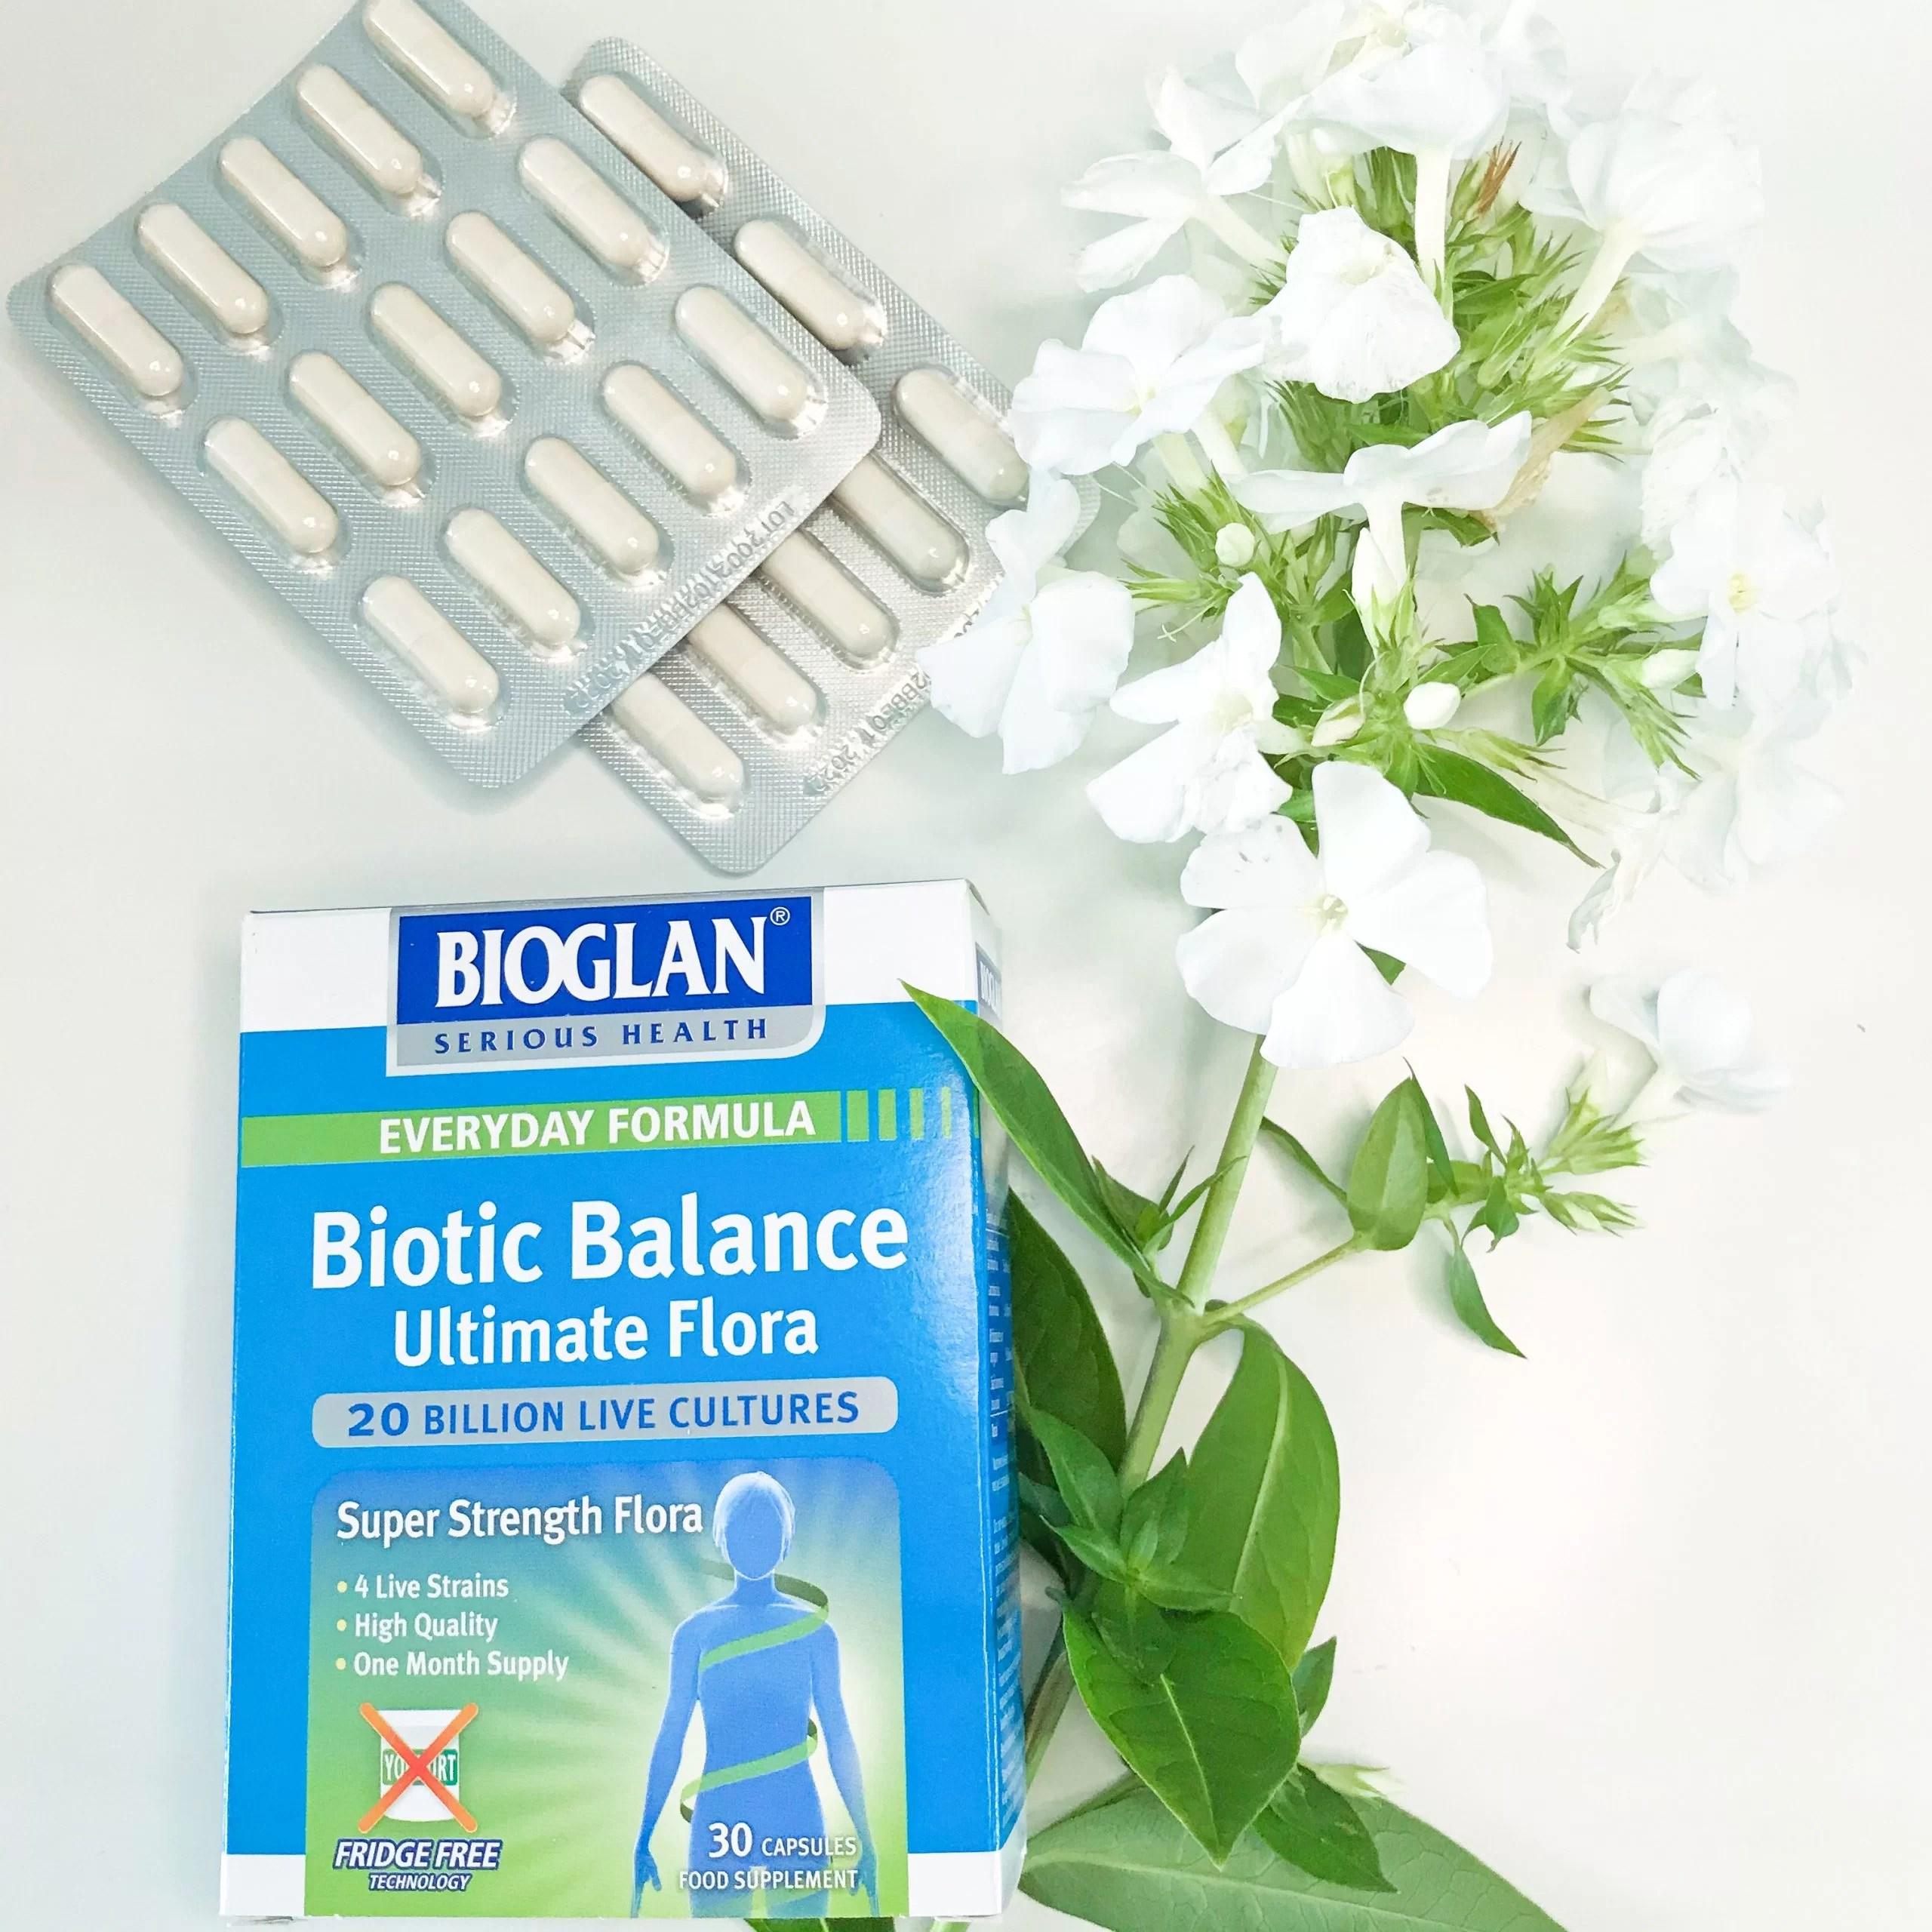 3 reasons I take Bioglan Biotic Balance Ultimate Flora